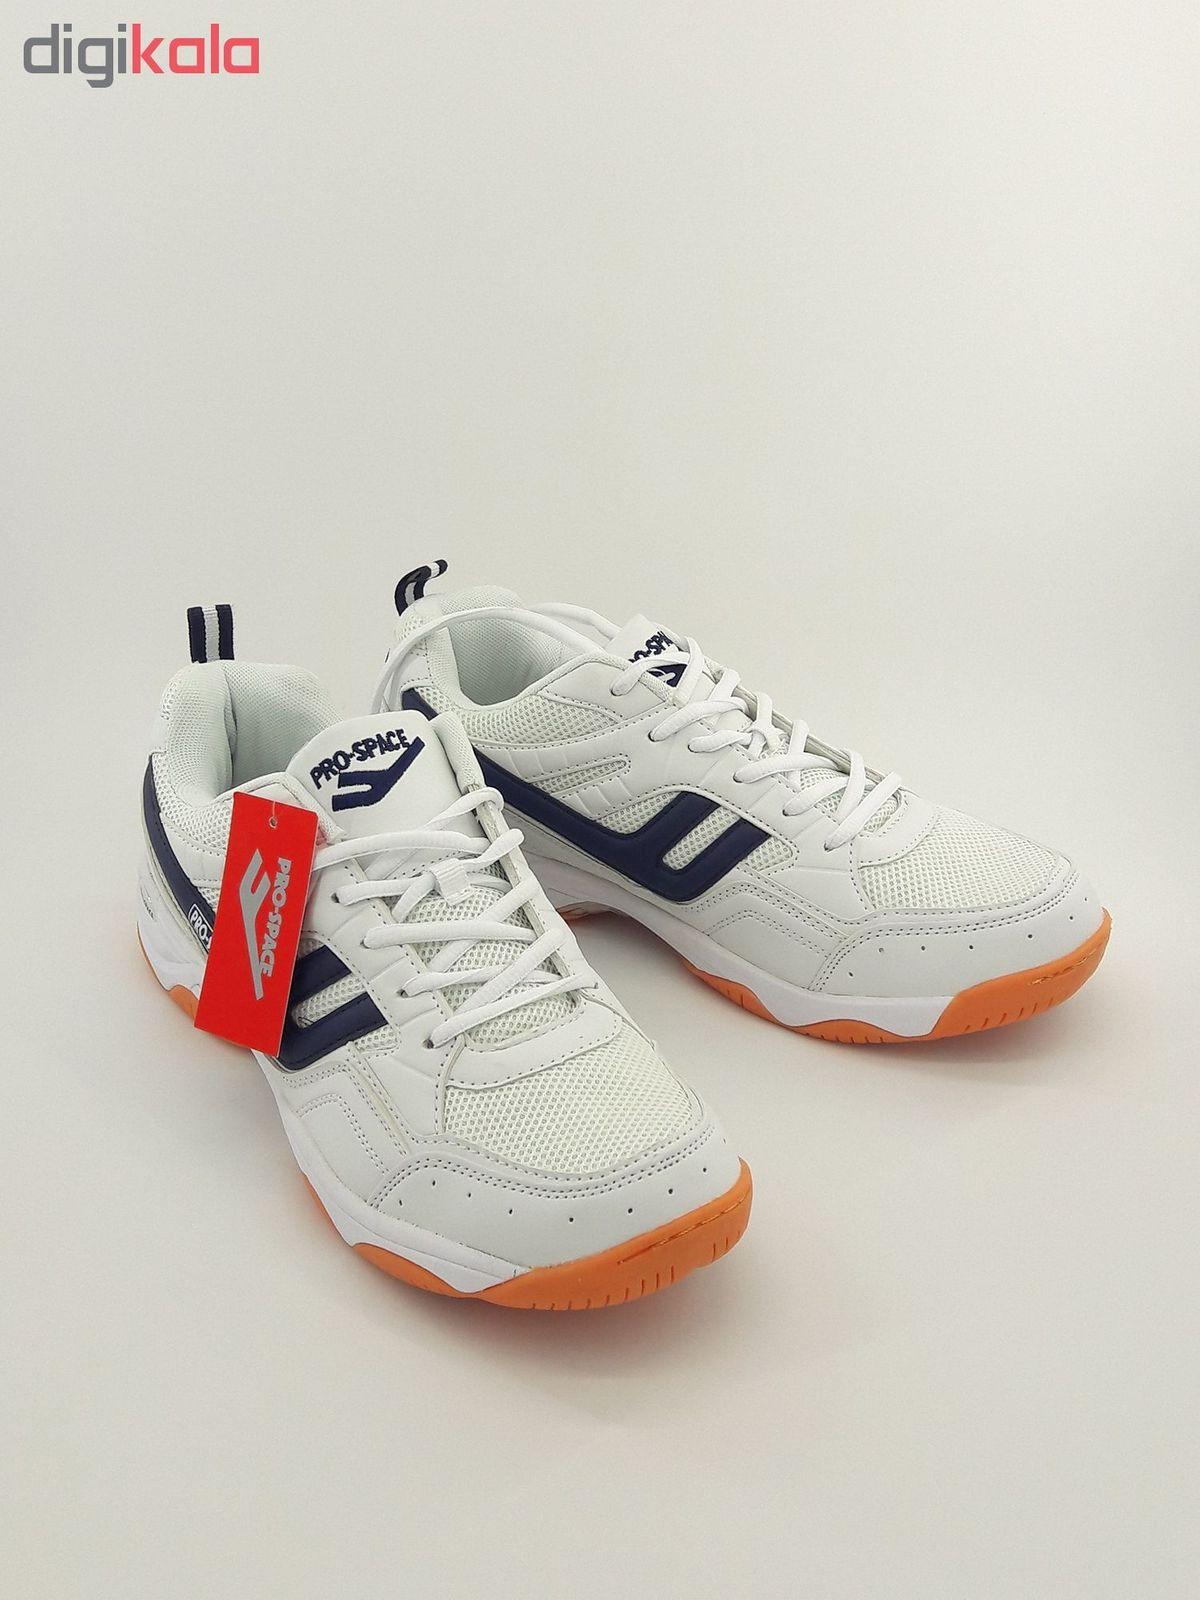 کفش ورزشی مردانه پرو اسپیس مدل Pro-space F main 1 3